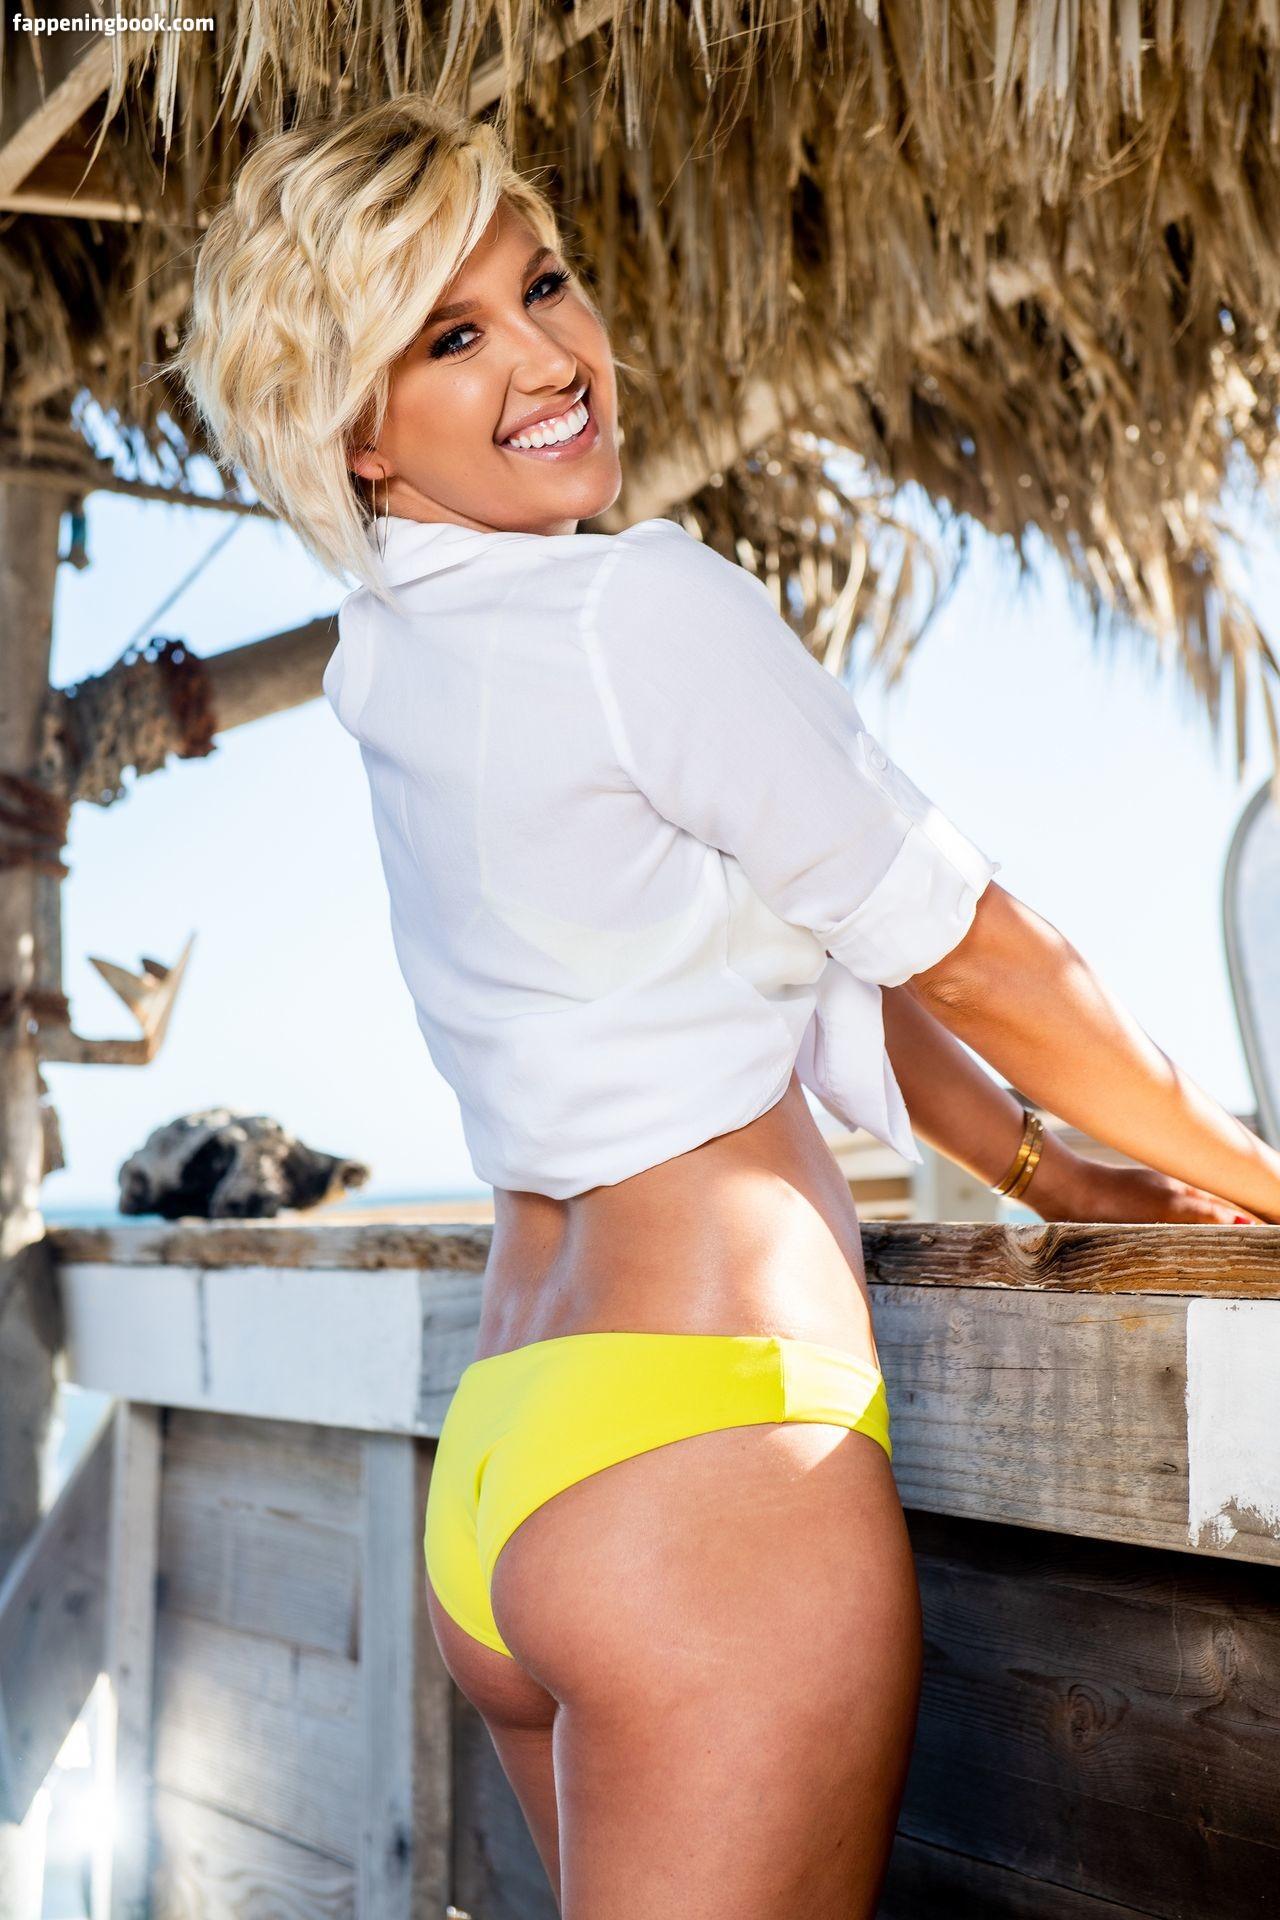 Stars Savannah Madison Nude Images